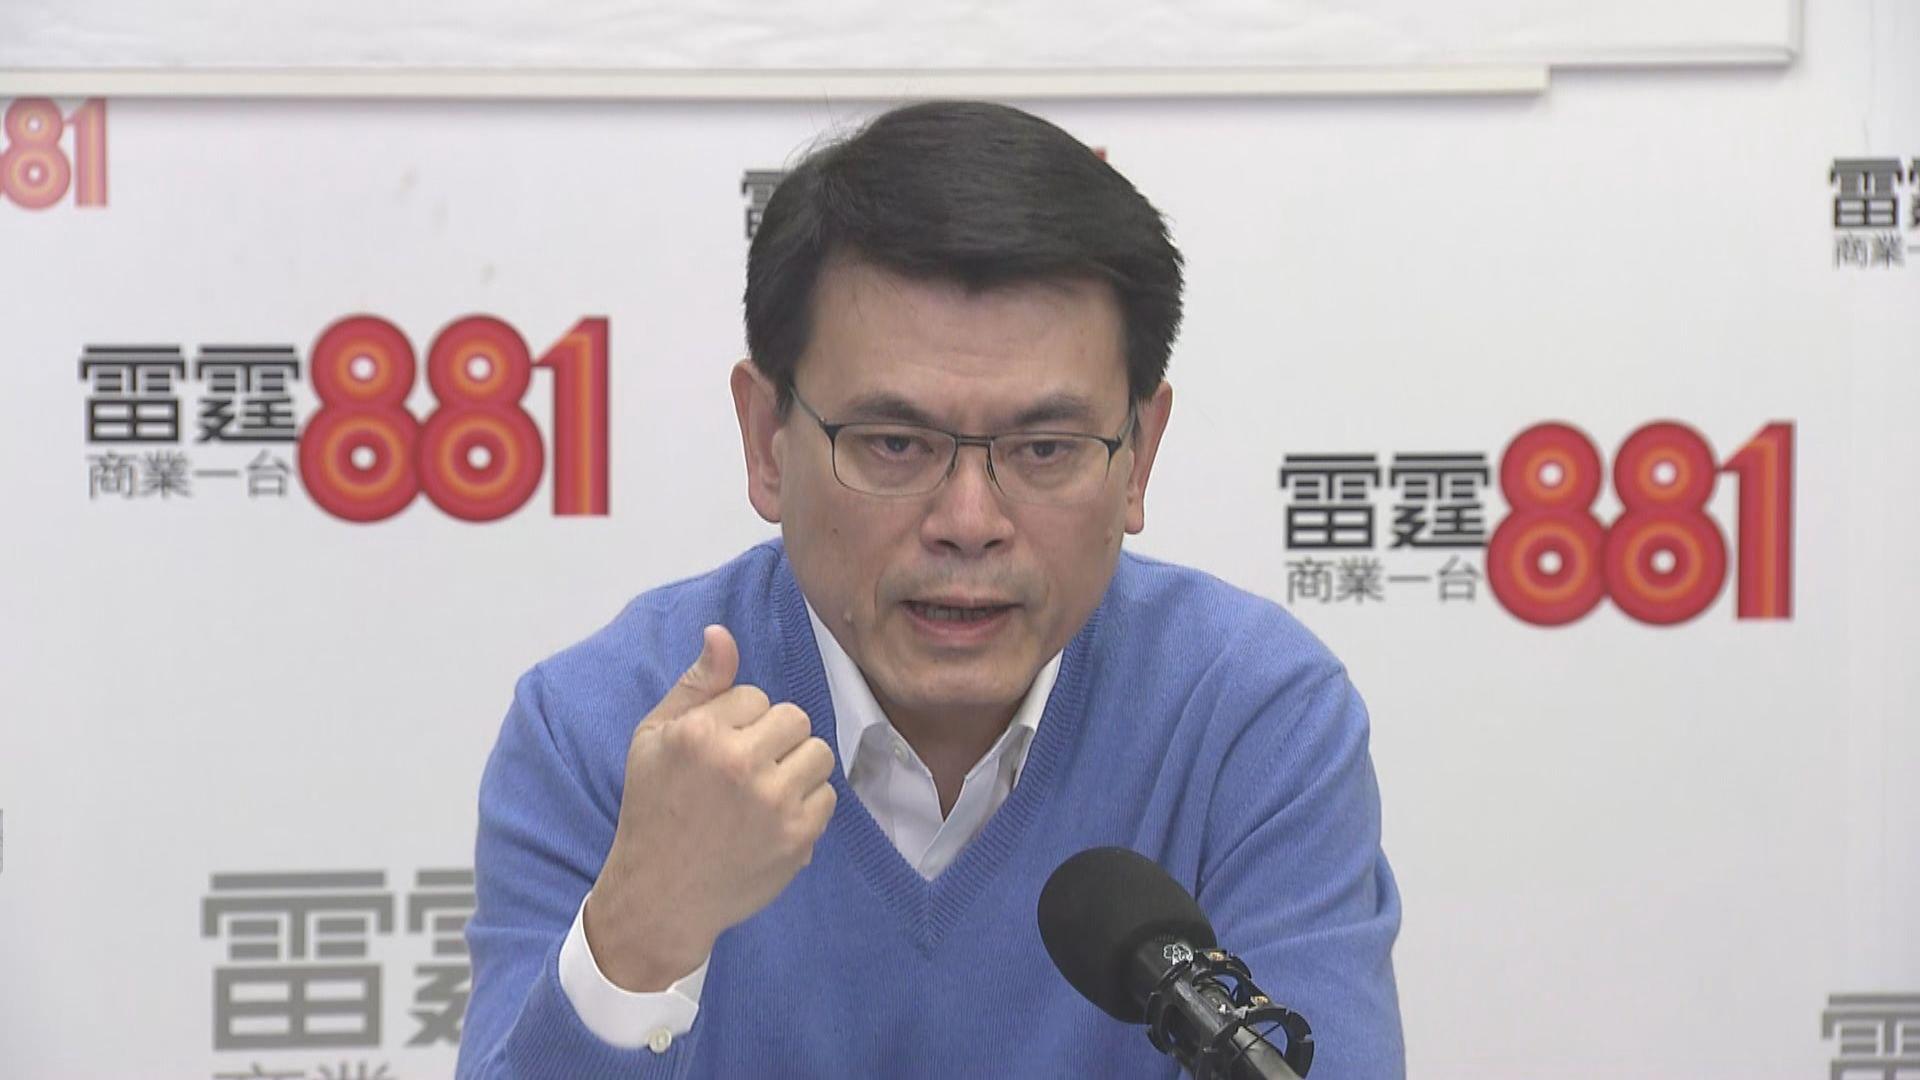 邱騰華:難估計貿易戰持續對整體經濟氣氛影響